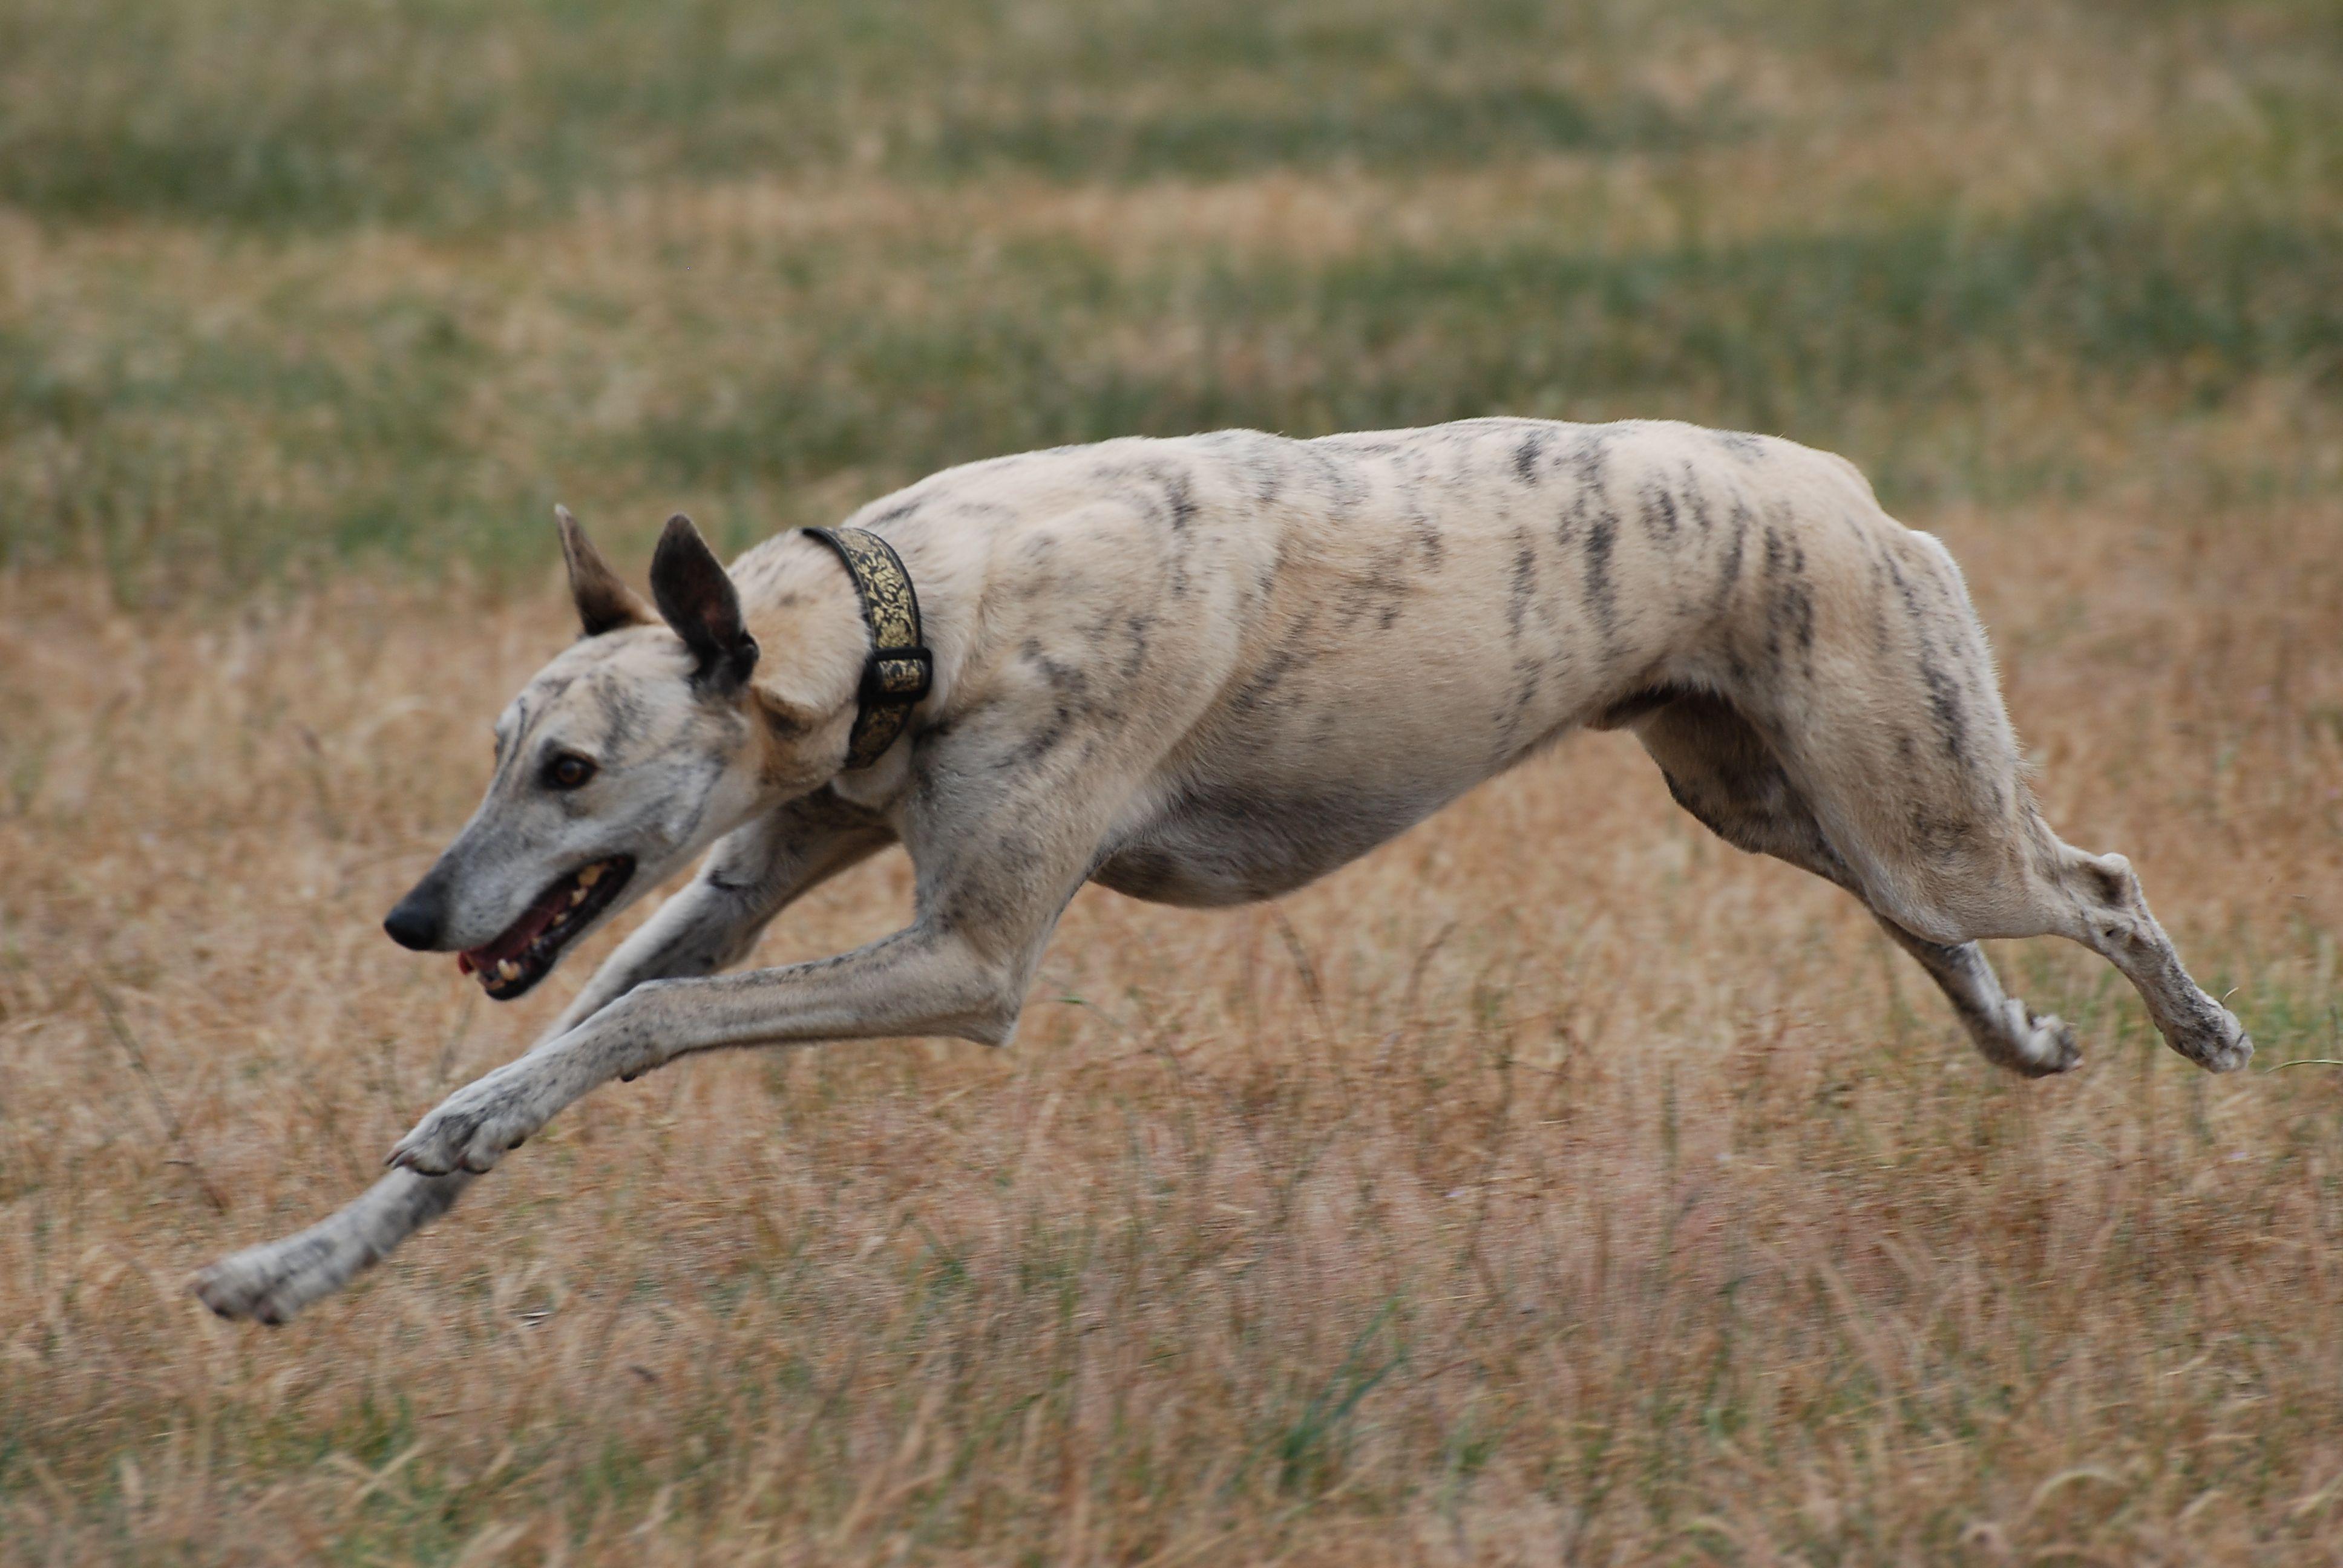 Gorgeous Sandy Greyhound Miles A Resident At The Victoria Australia Greyhound Adoption Program Hq At Seymour Greyhound Adoption Grey Hound Dog Greyhound